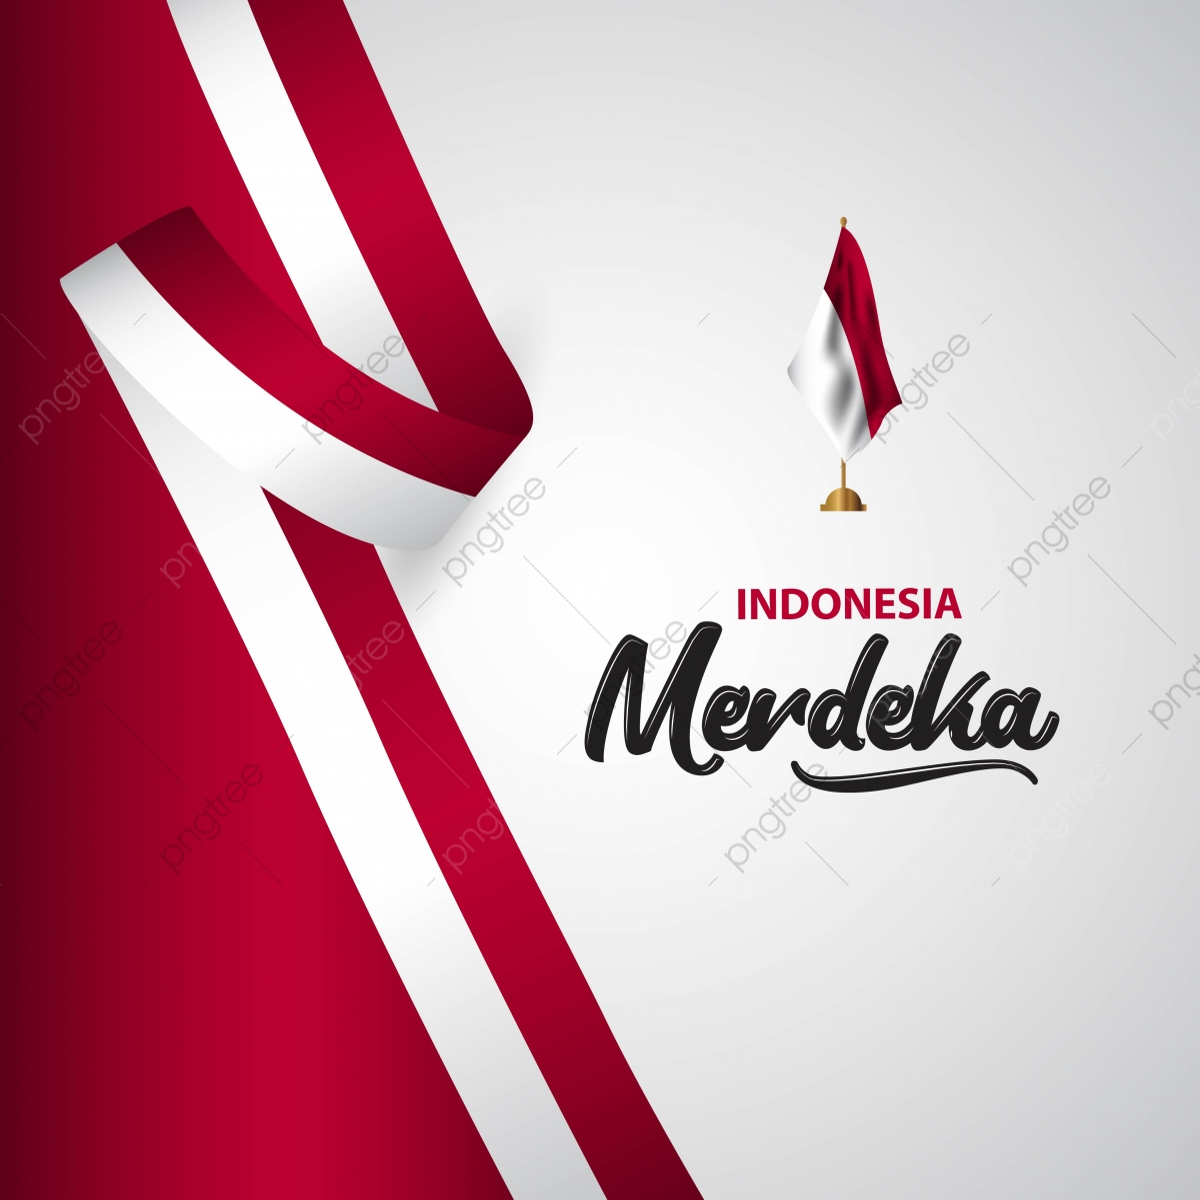 pngtree indonesia merdeka flag vector template design illustration png image 4137768